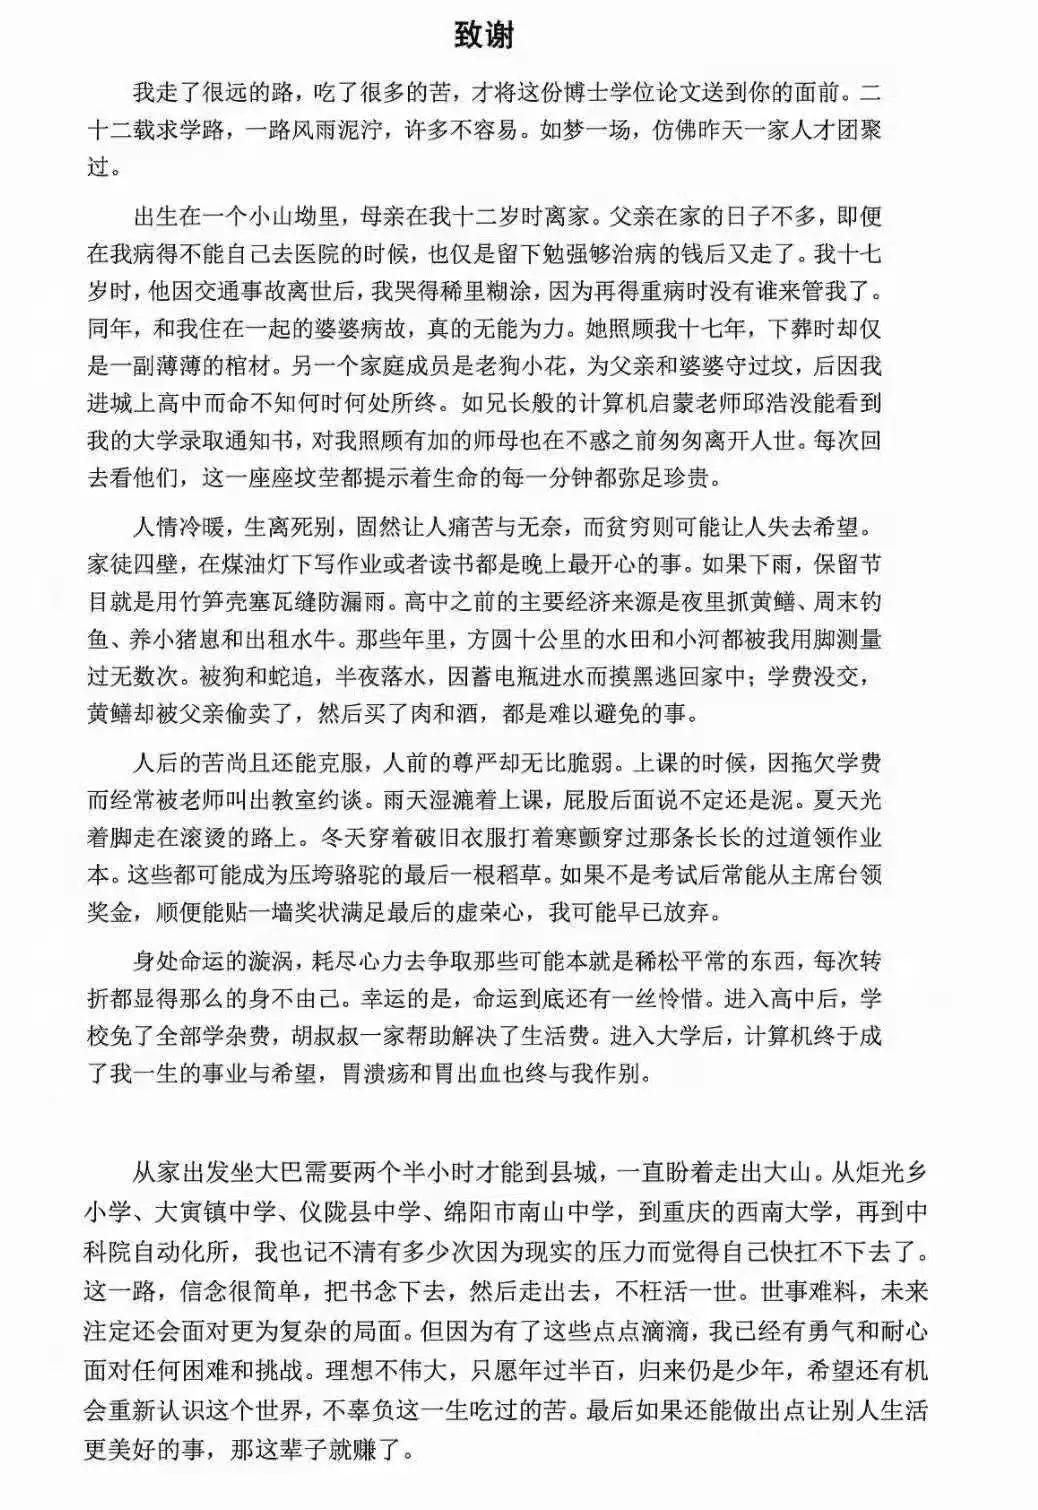 中科院一博士论文《致谢》走红全网 现任职互联网大厂